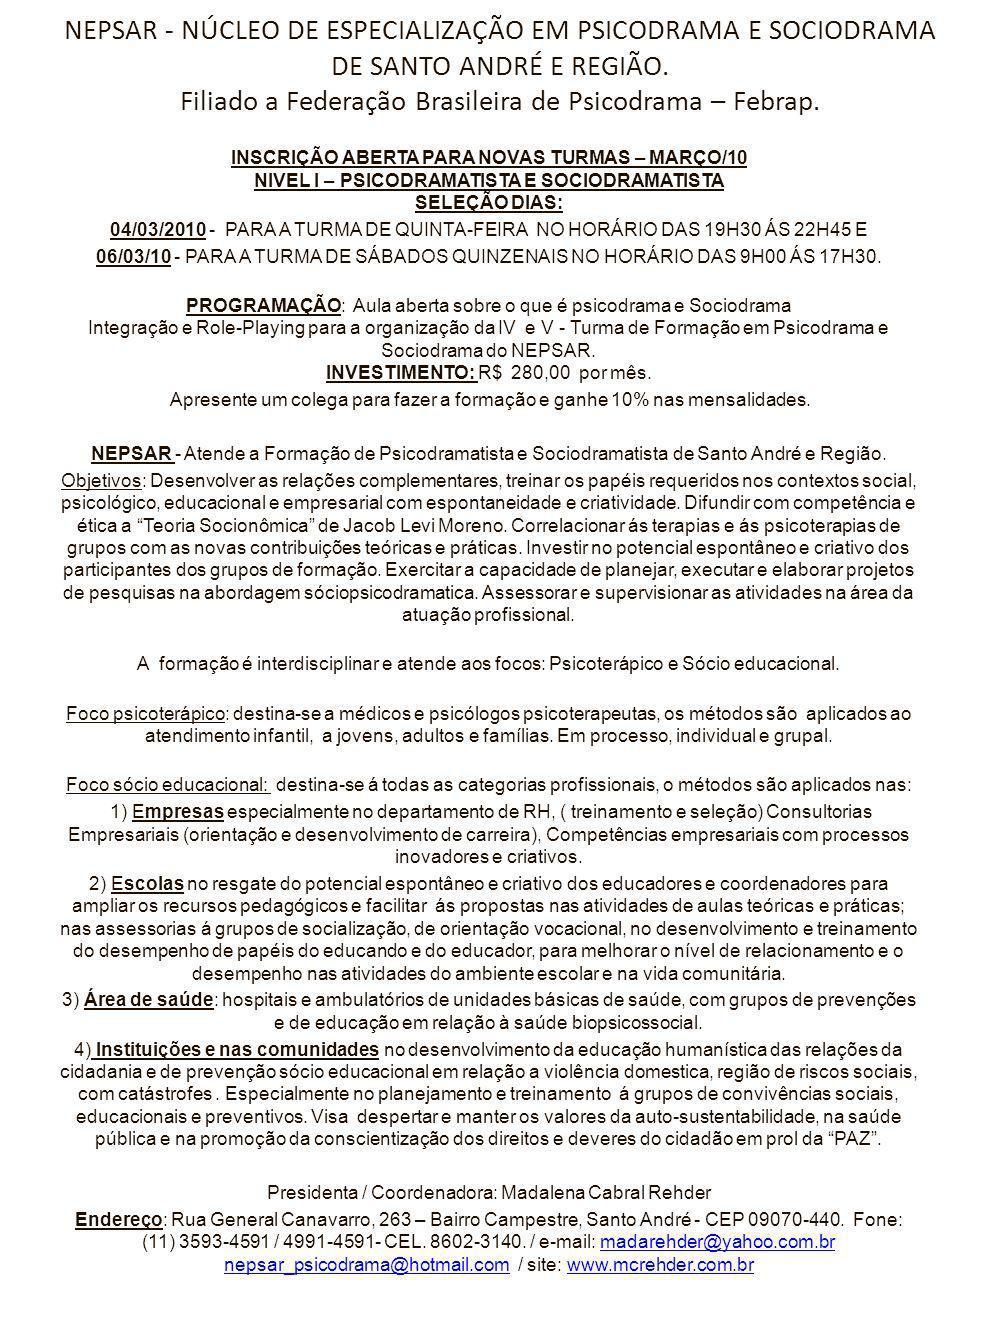 NEPSAR - NÚCLEO DE ESPECIALIZAÇÃO EM PSICODRAMA E SOCIODRAMA DE SANTO ANDRÉ E REGIÃO. Filiado a Federação Brasileira de Psicodrama – Febrap. INSCRIÇÃO